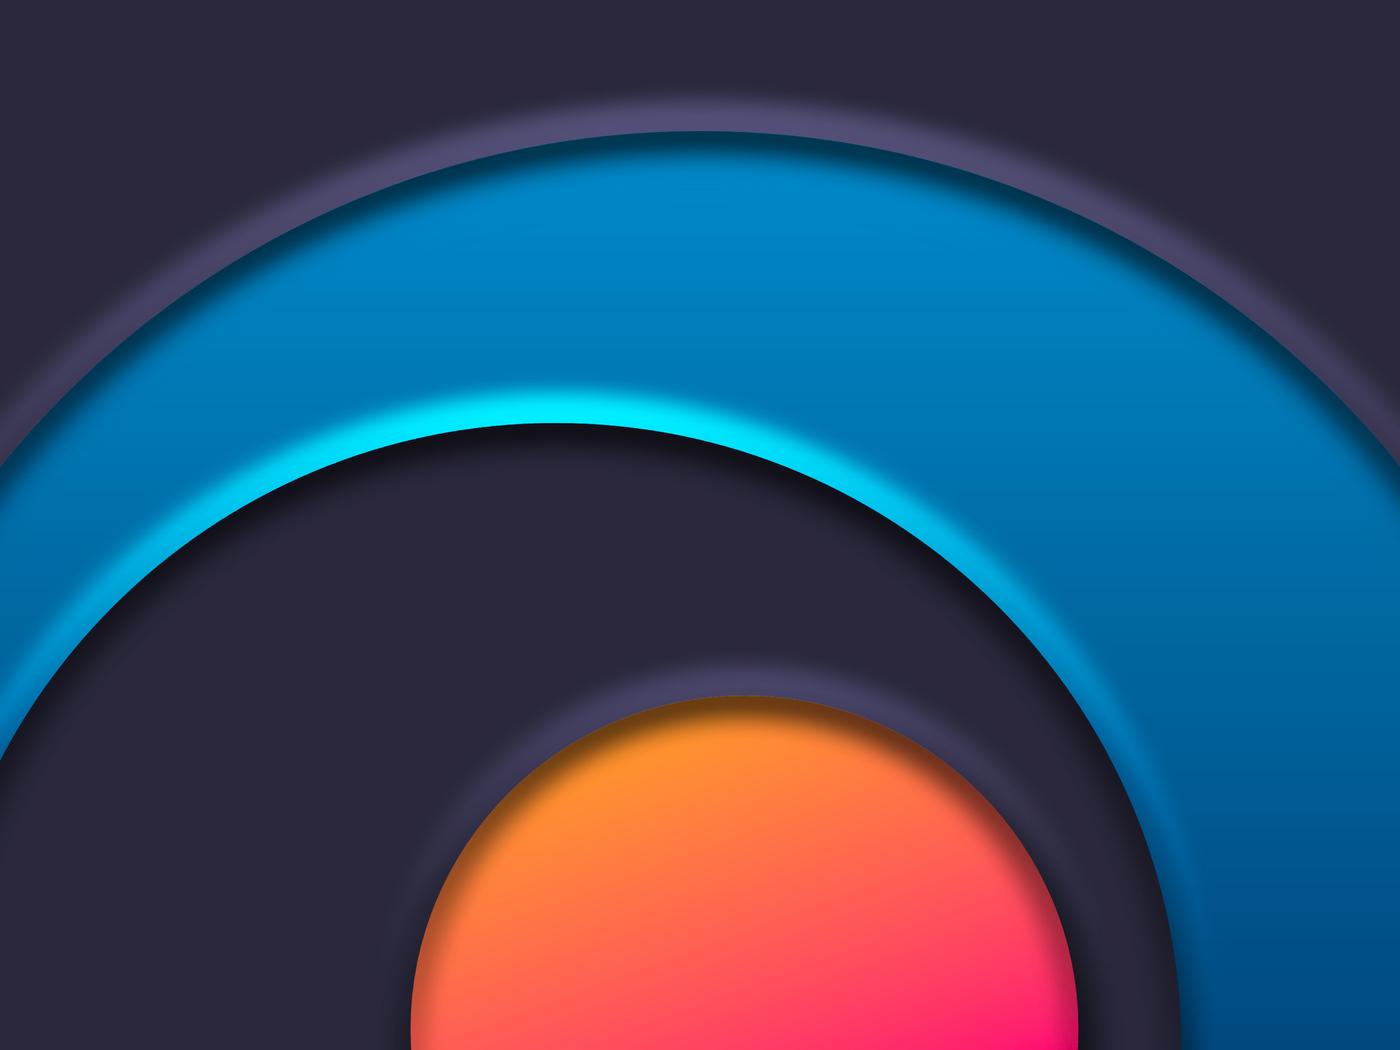 circle-chakra-abstract-8k-jy.jpg